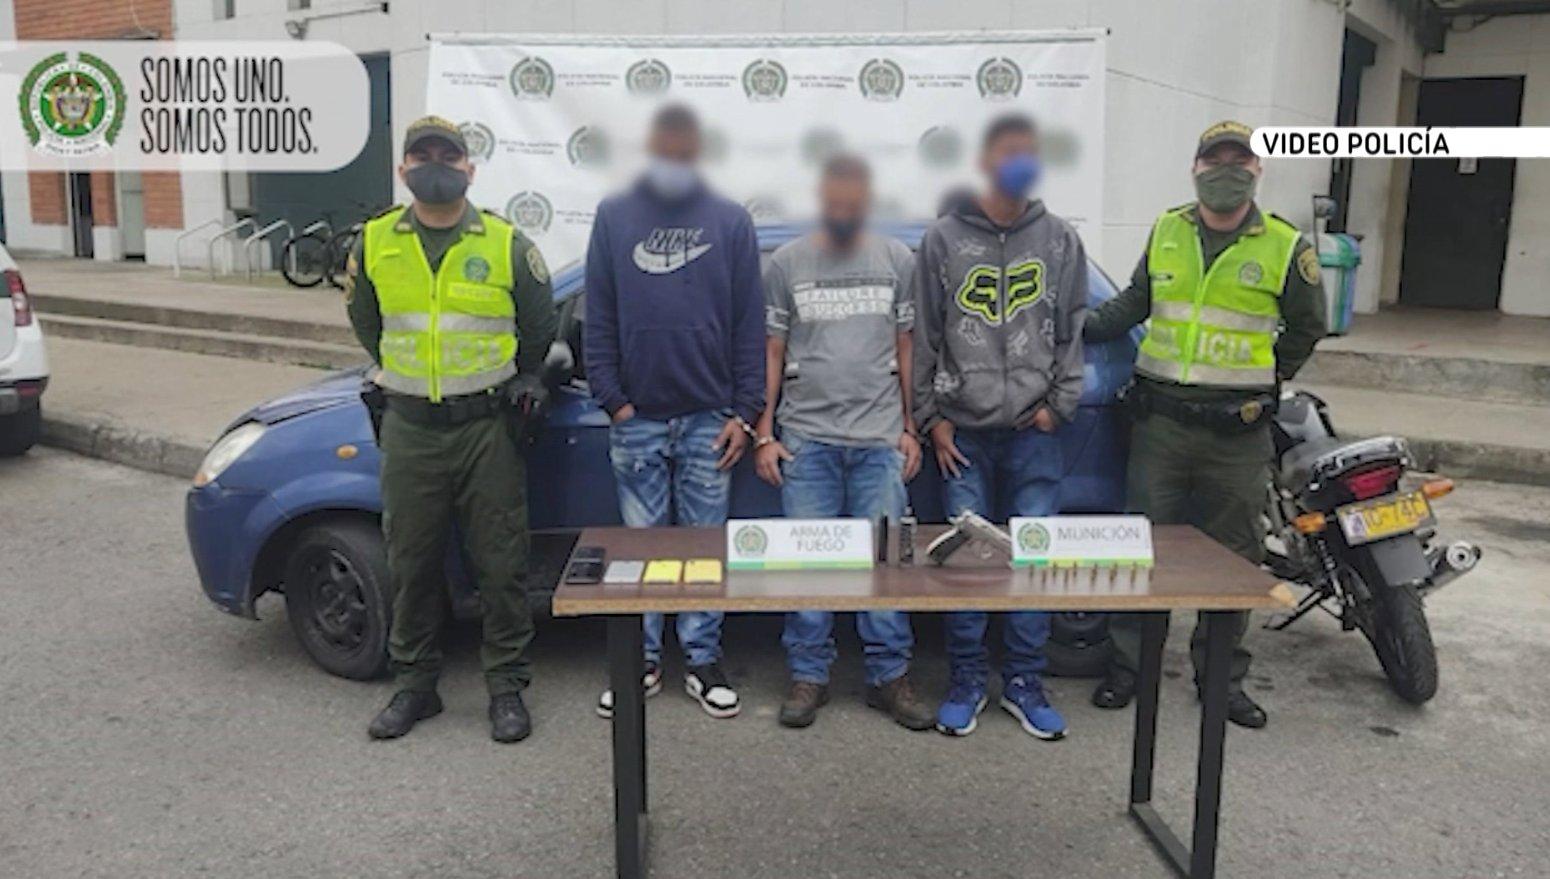 Operativos contra el hurto en establecimientos comerciales de Itagüí